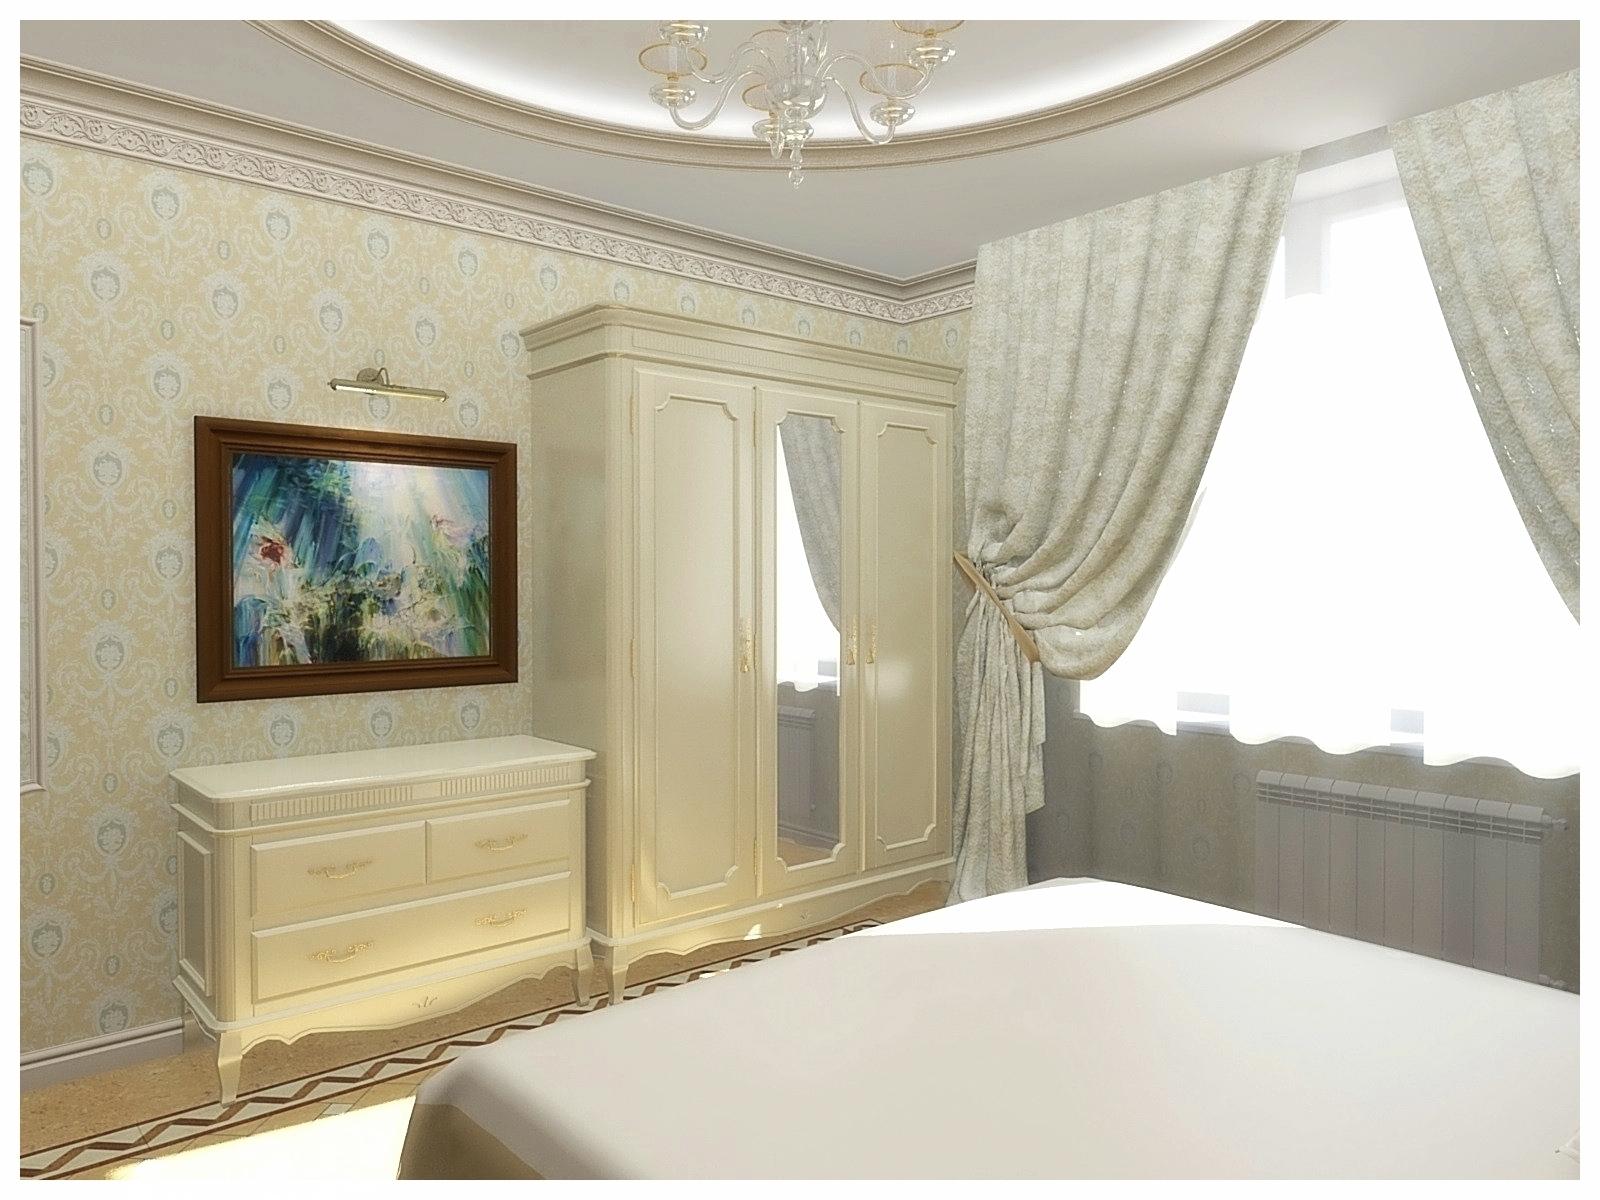 Дизайн интерьеров квартир. Спальня 1.